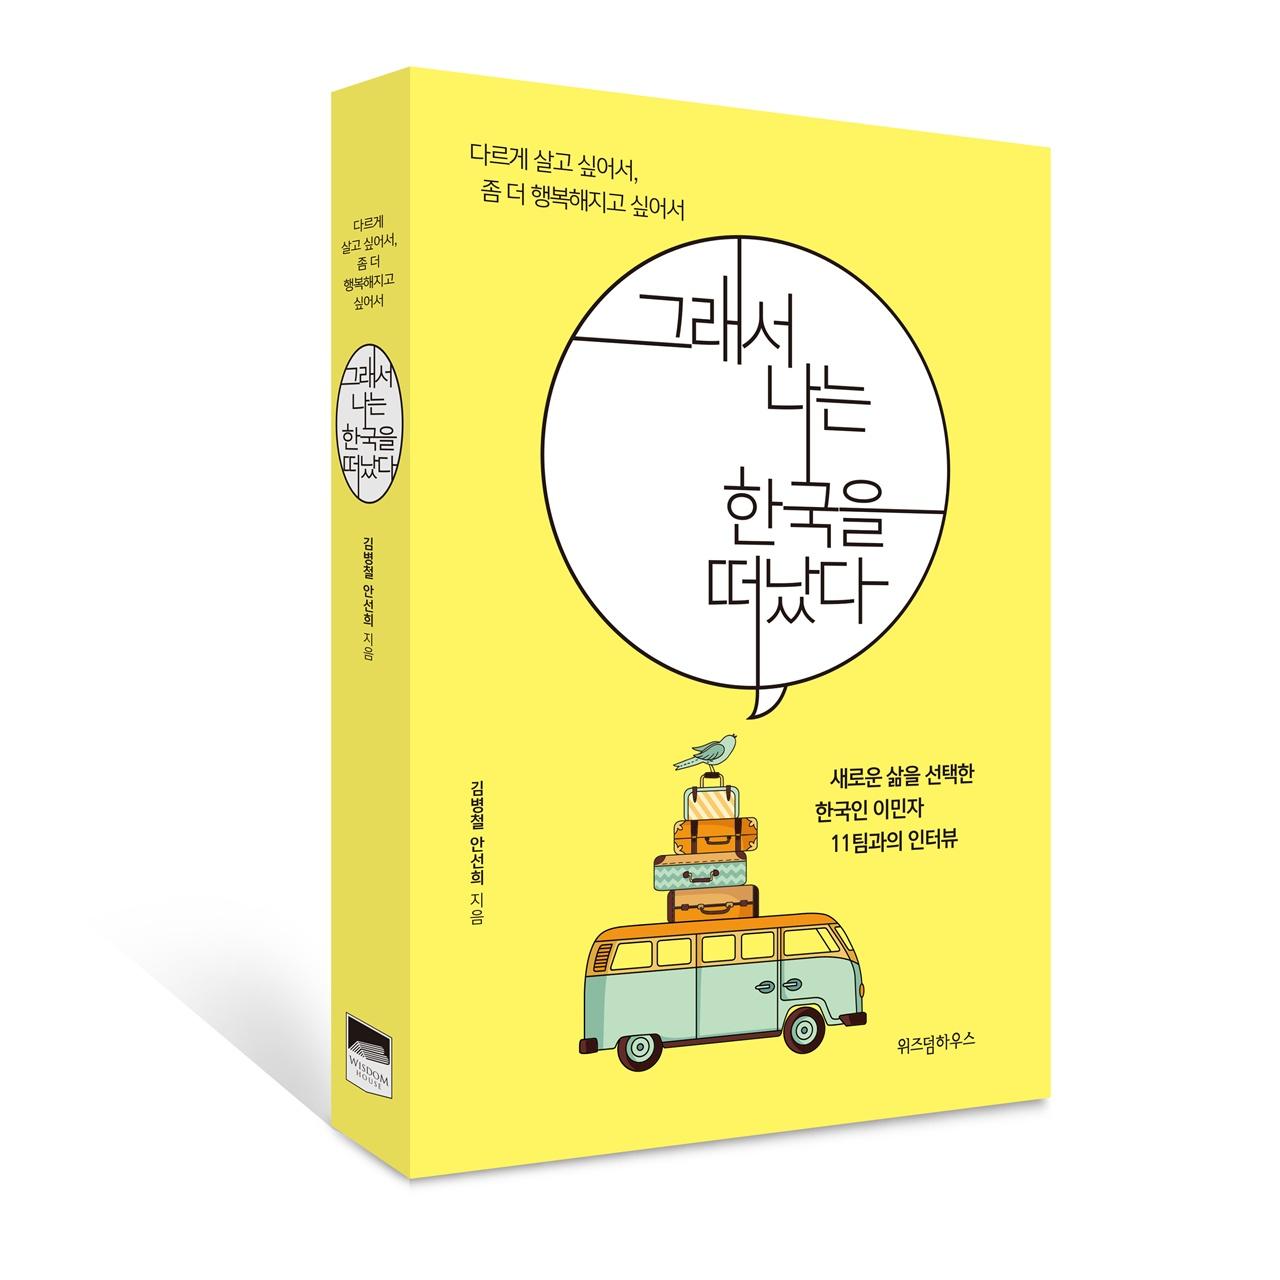 책 <그래서 나는 한국을 떠났다>